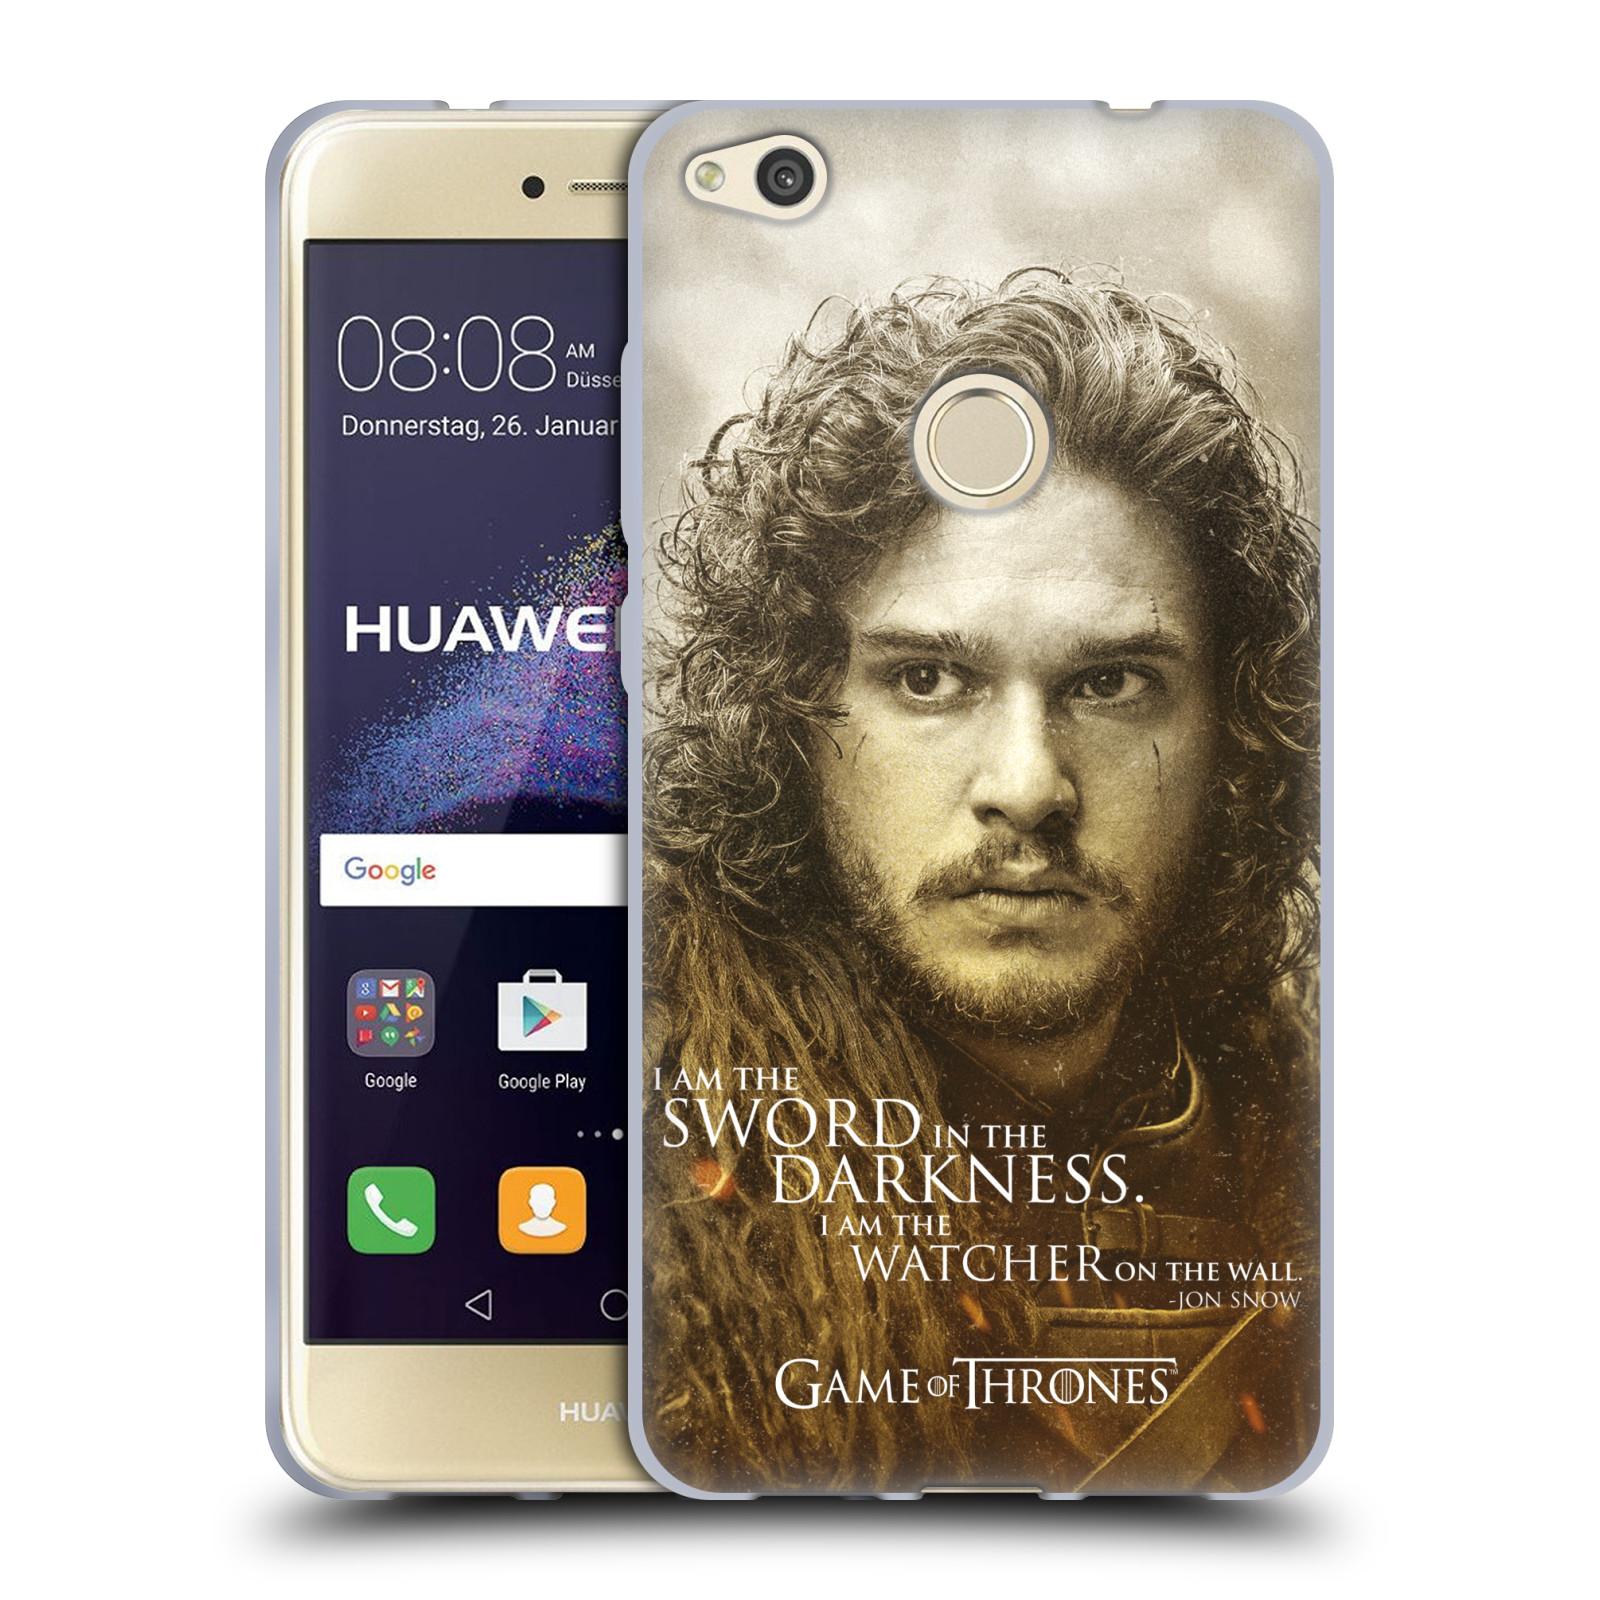 Silikonové pouzdro na mobil Huawei P9 Lite (2017) HEAD CASE Hra o trůny - Jon Snow (Silikonový kryt či obal na mobilní telefon s licencovaným motivem Hra o trůny - Game Of Thrones pro Huawei P9 Lite 2017)